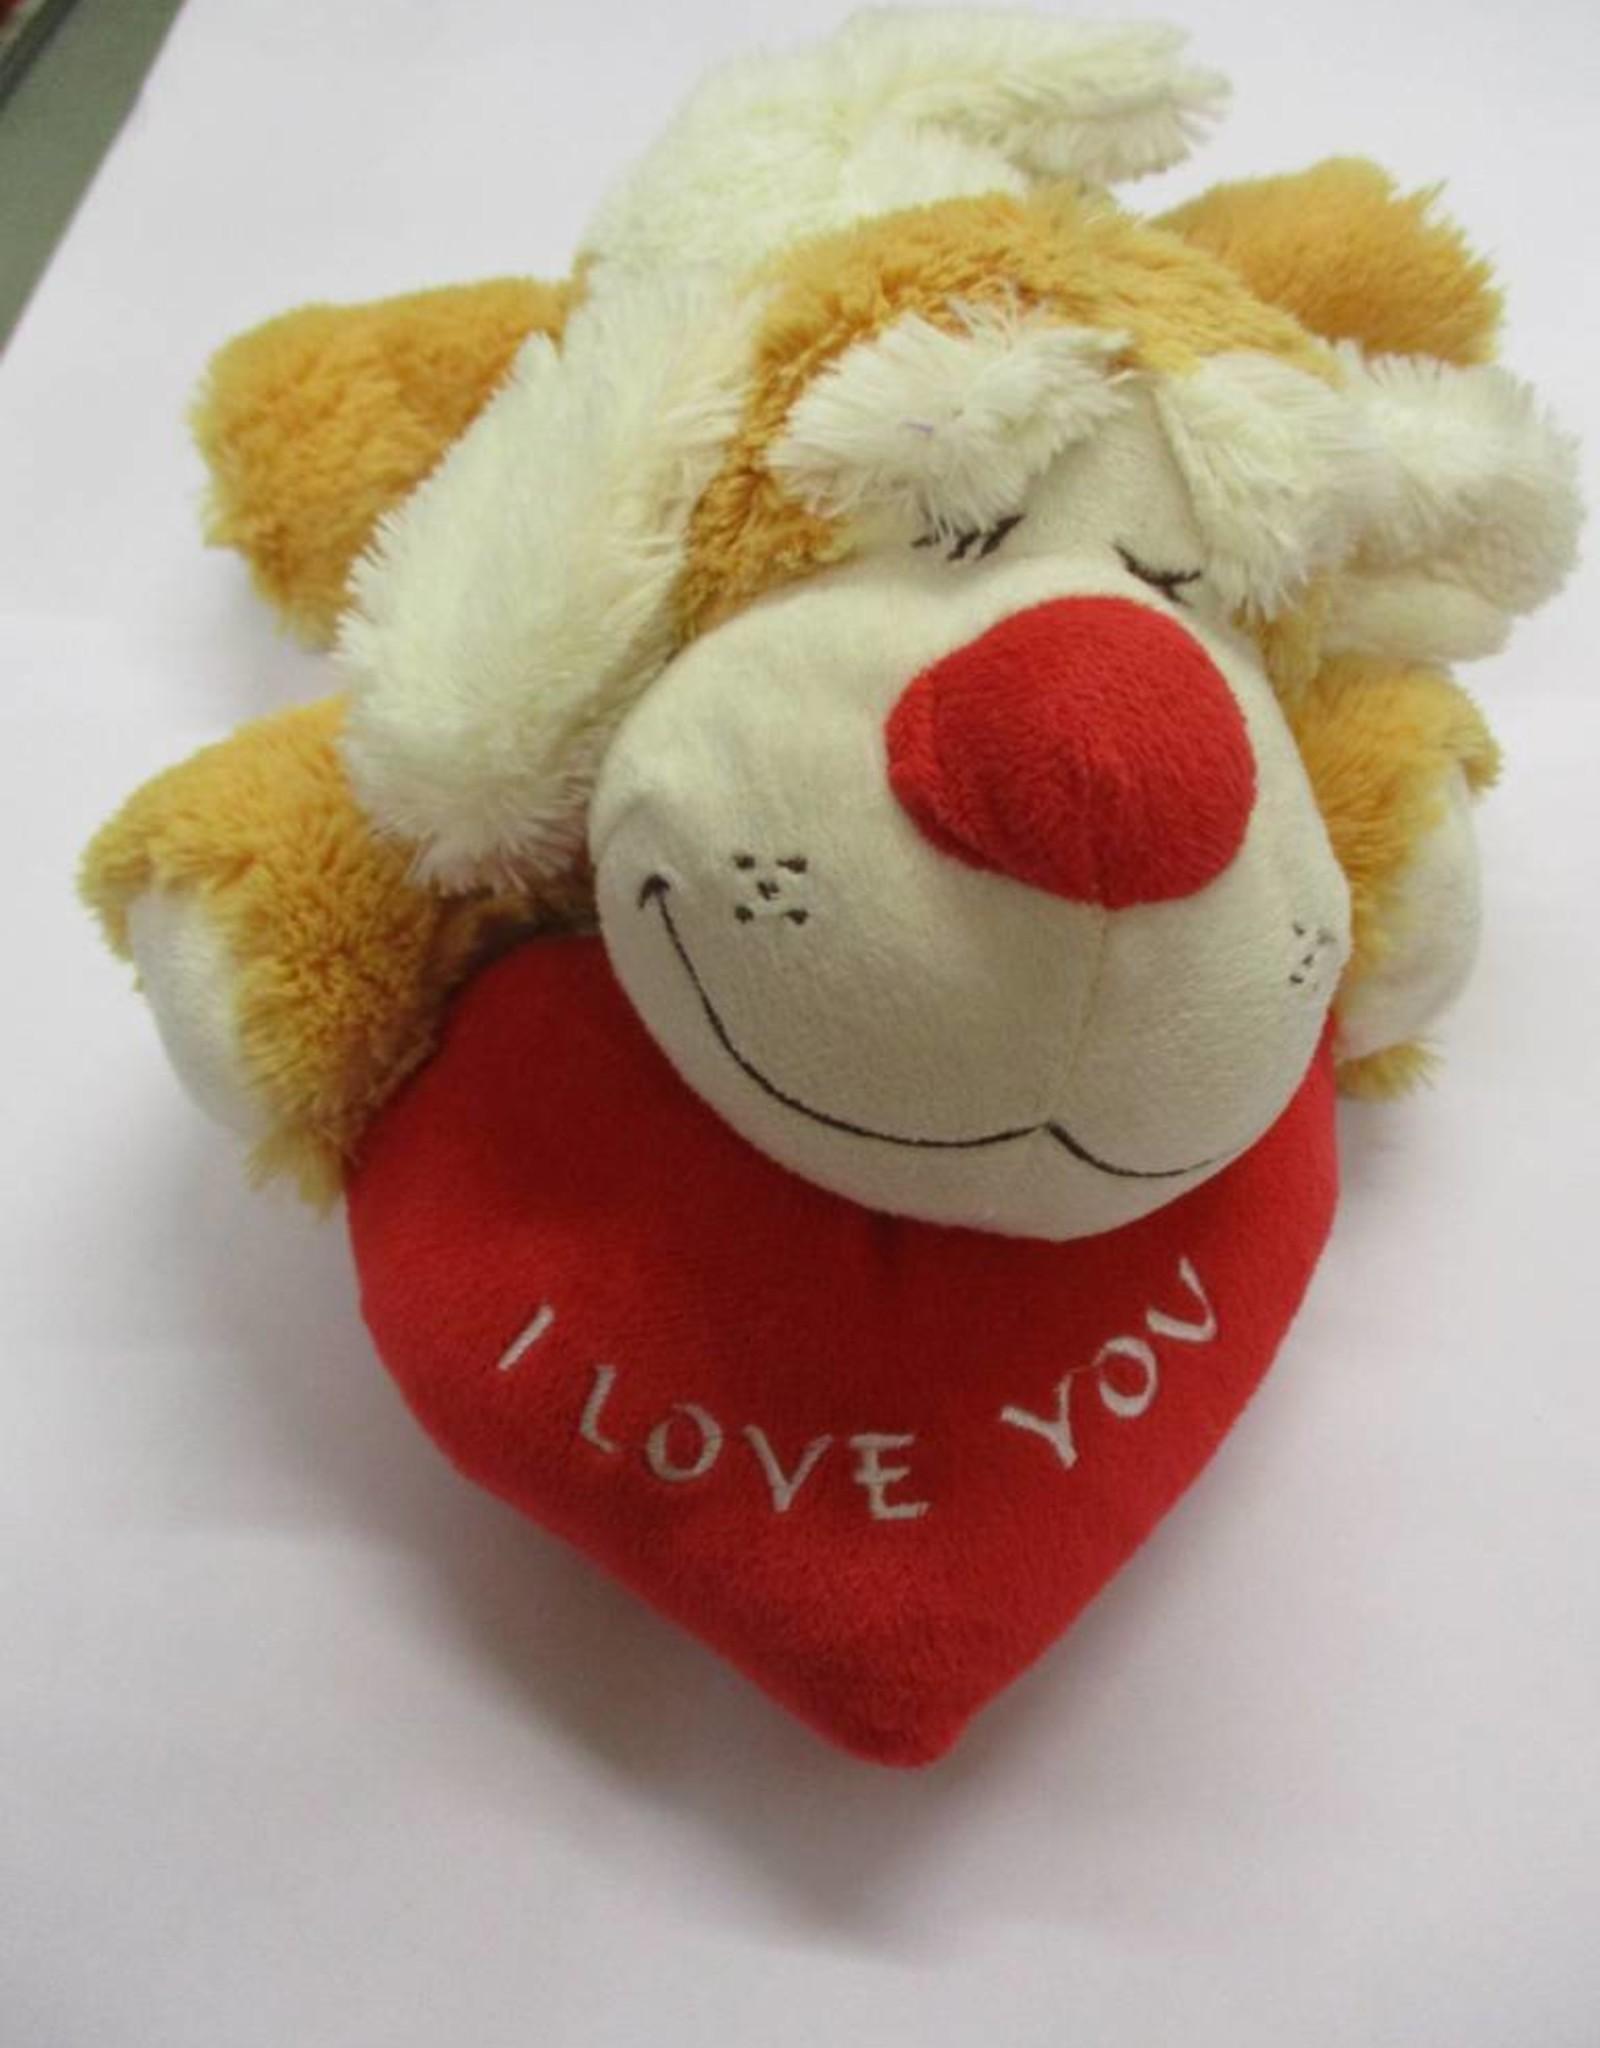 Doho liggende hond met hart